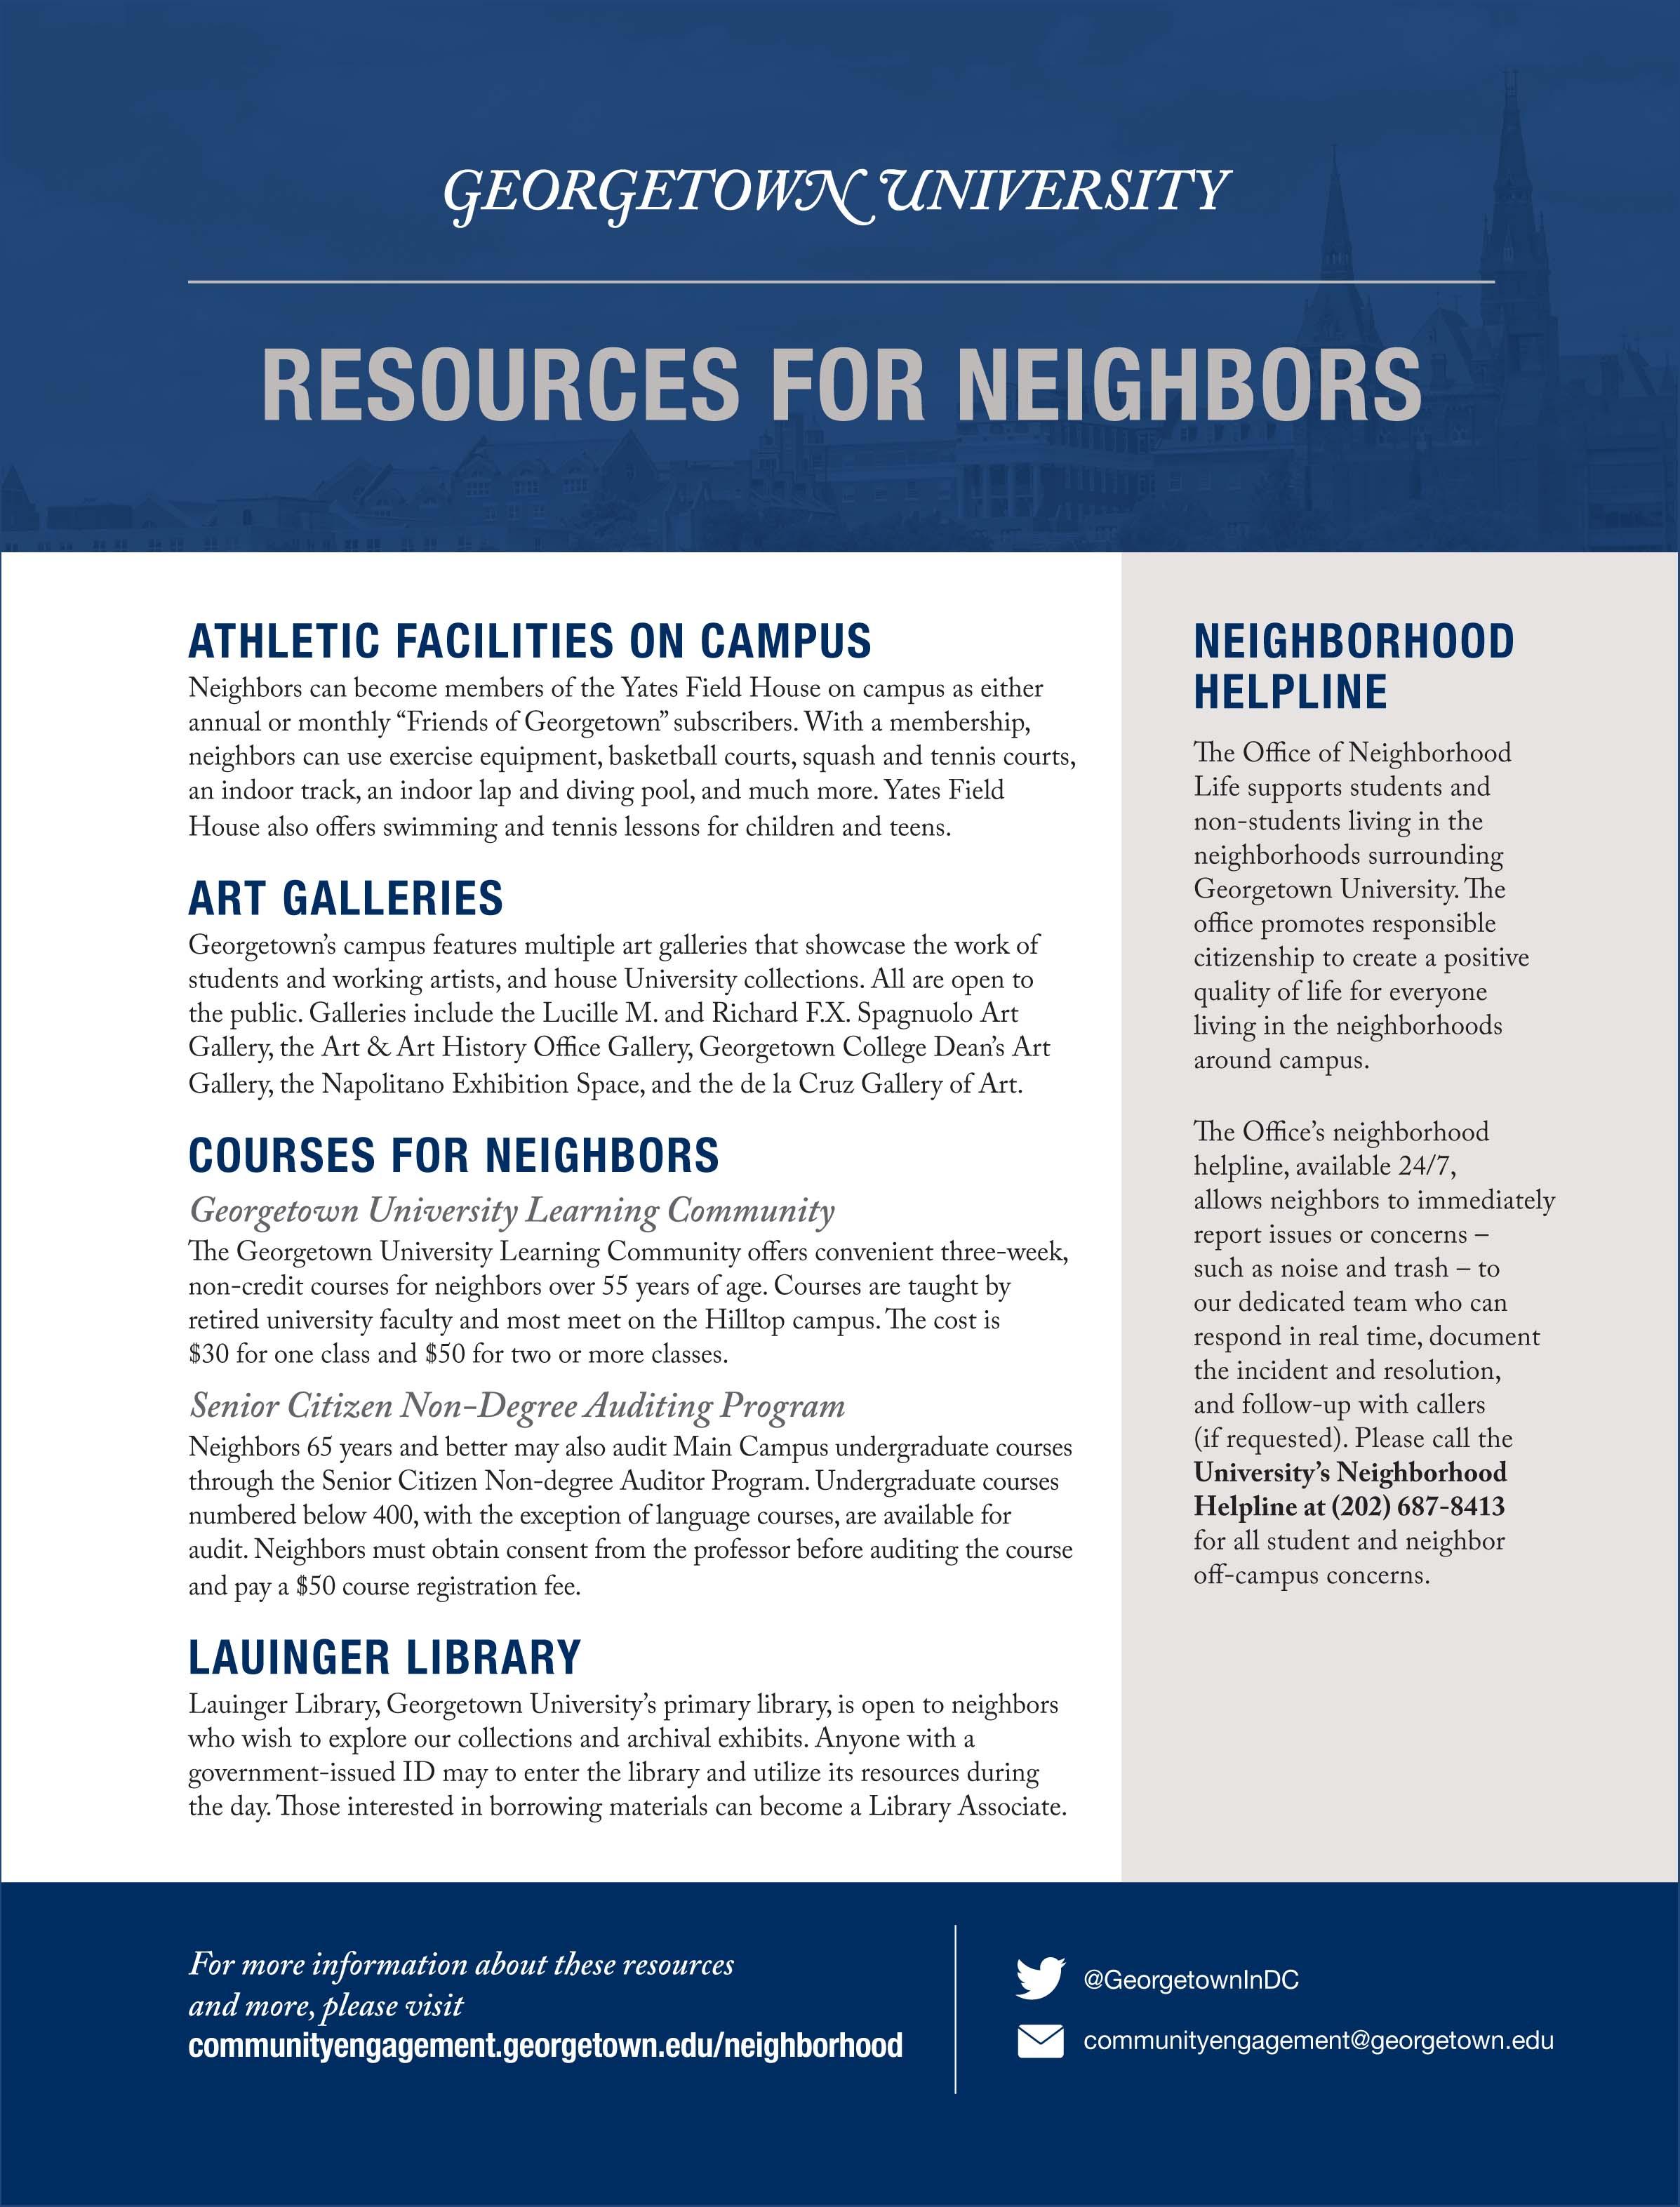 2018.10-GU-neighborhood-resources-1.jpg